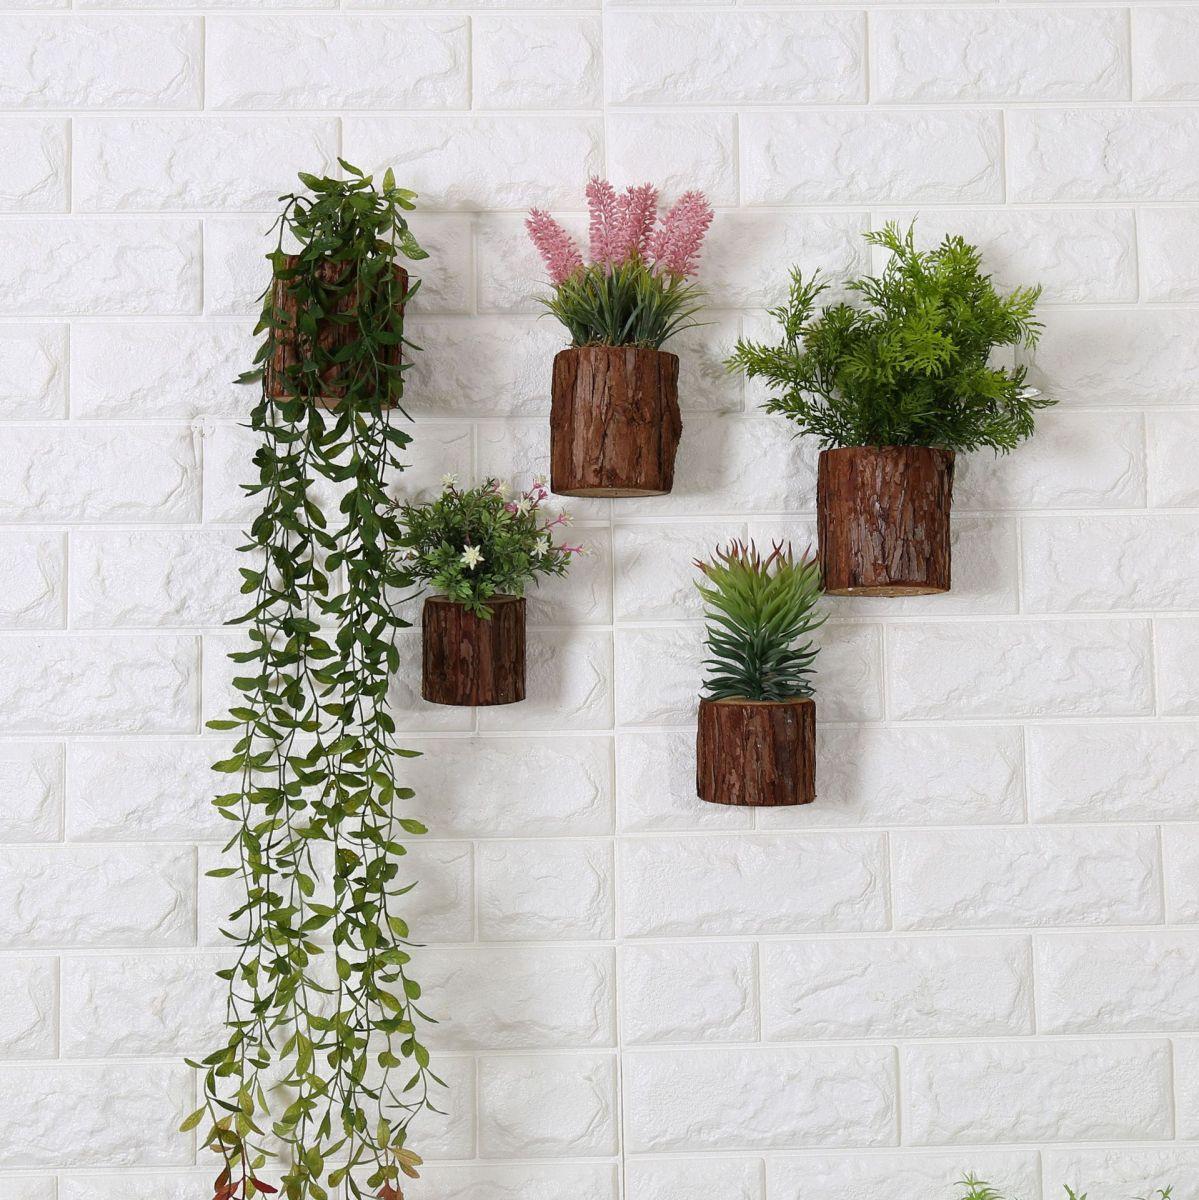 Kệ để cây bonsai treo tường bằng gỗ